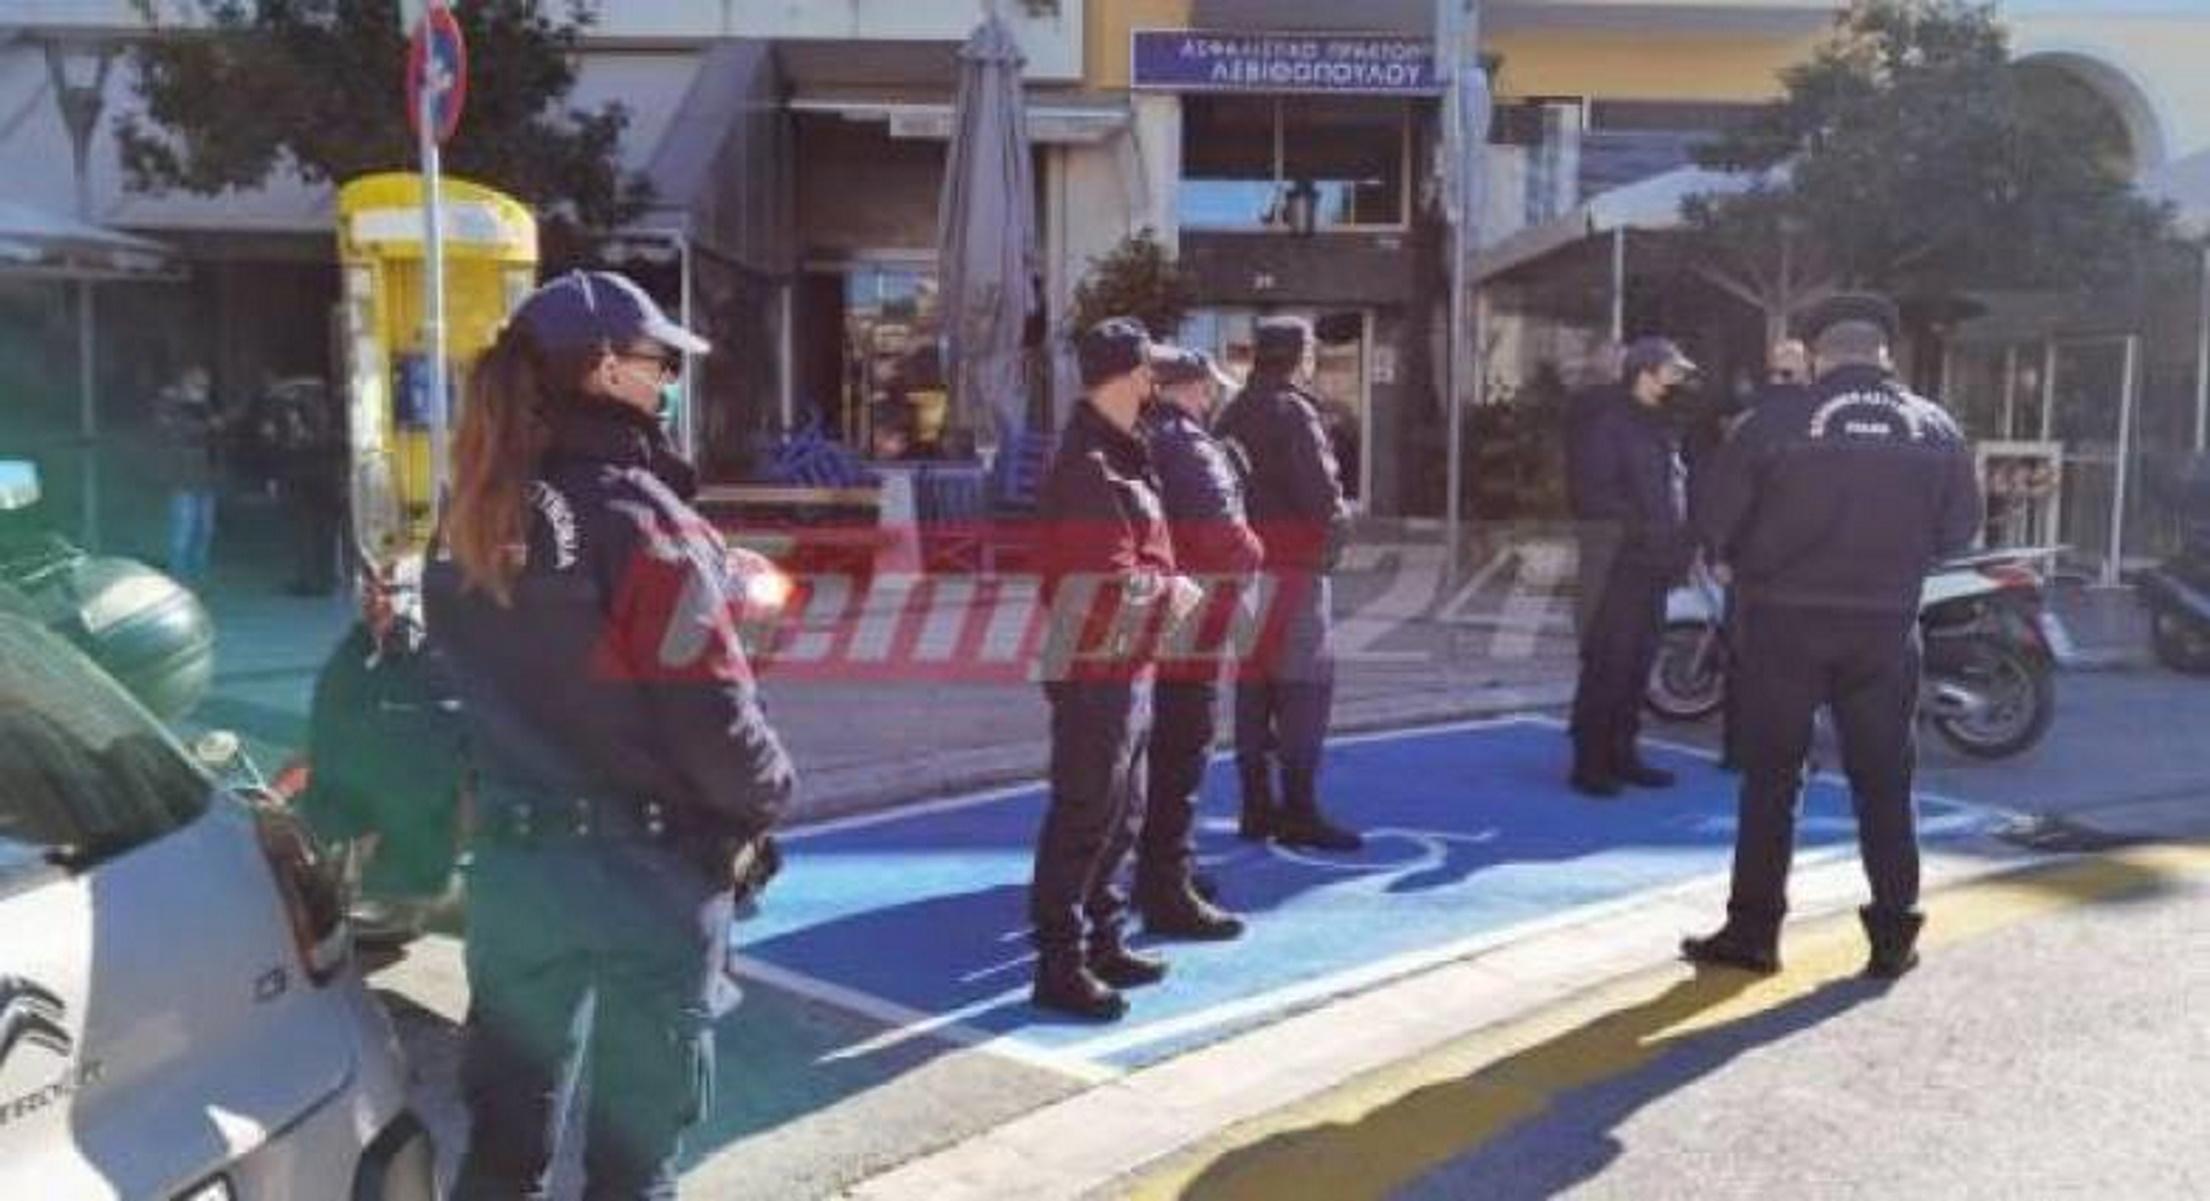 Lockdown – Πάτρα: Αυστηροί έλεγχοι και μπλόκα της αστυνομίας στο κέντρο